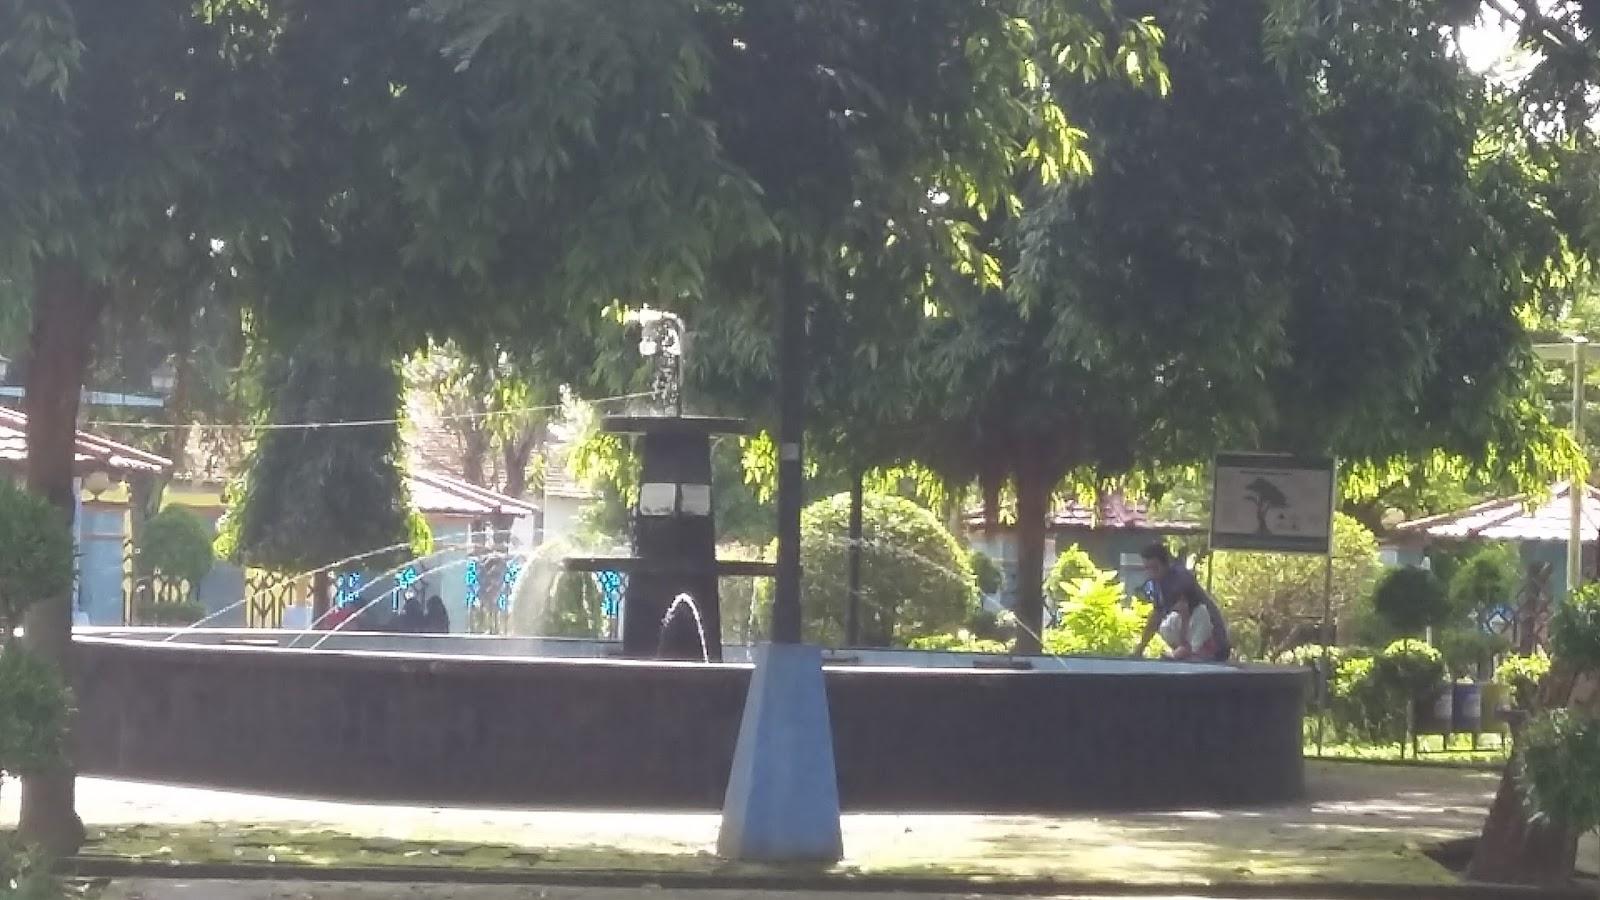 Menikmati Udara Segar Taman Kota Jend Hm Sarbini Travelklik Sebuah